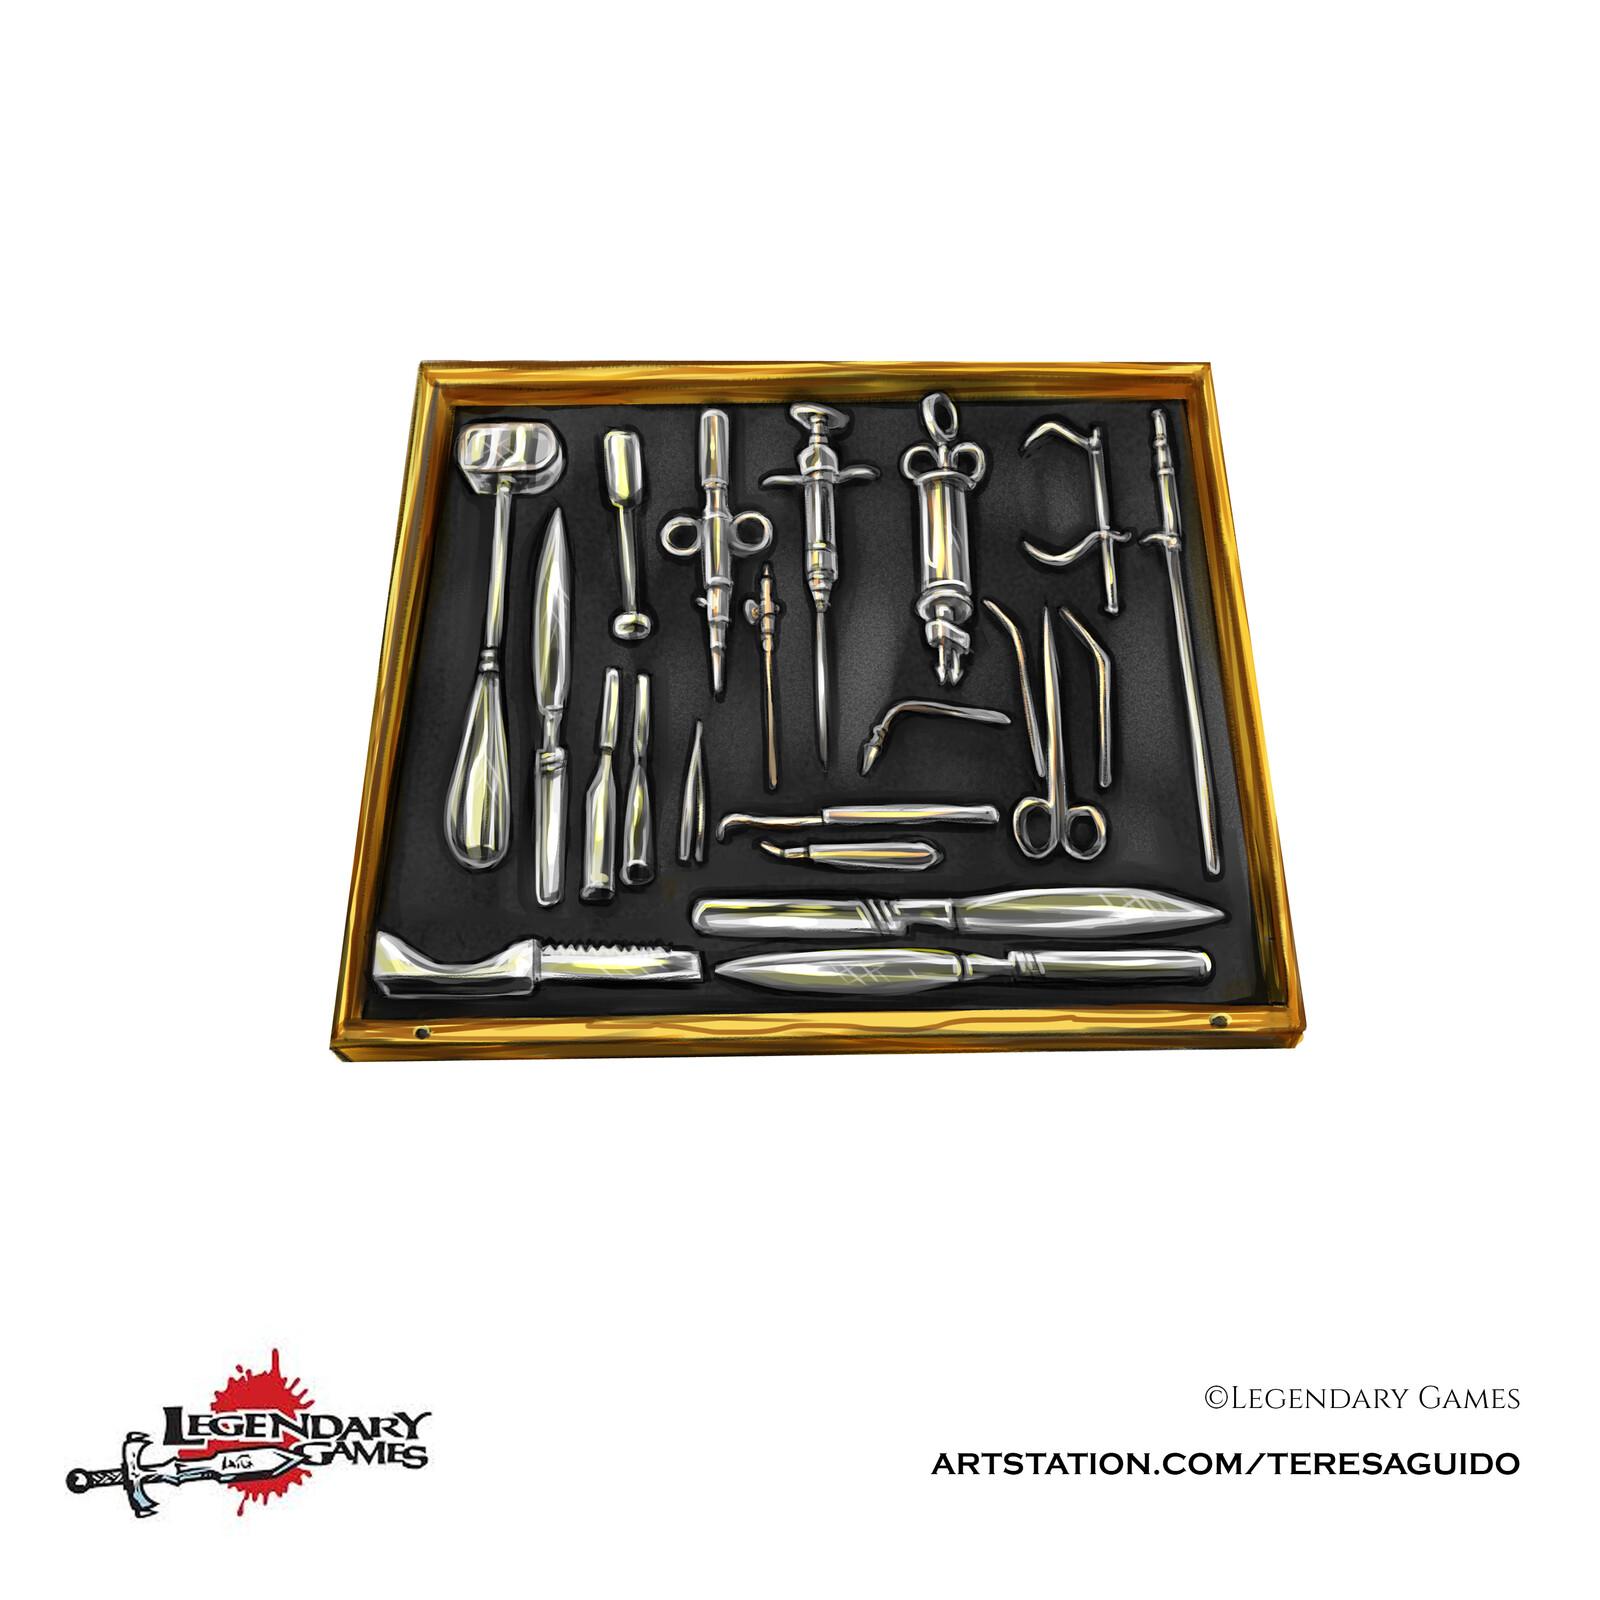 Lobotomy Tools